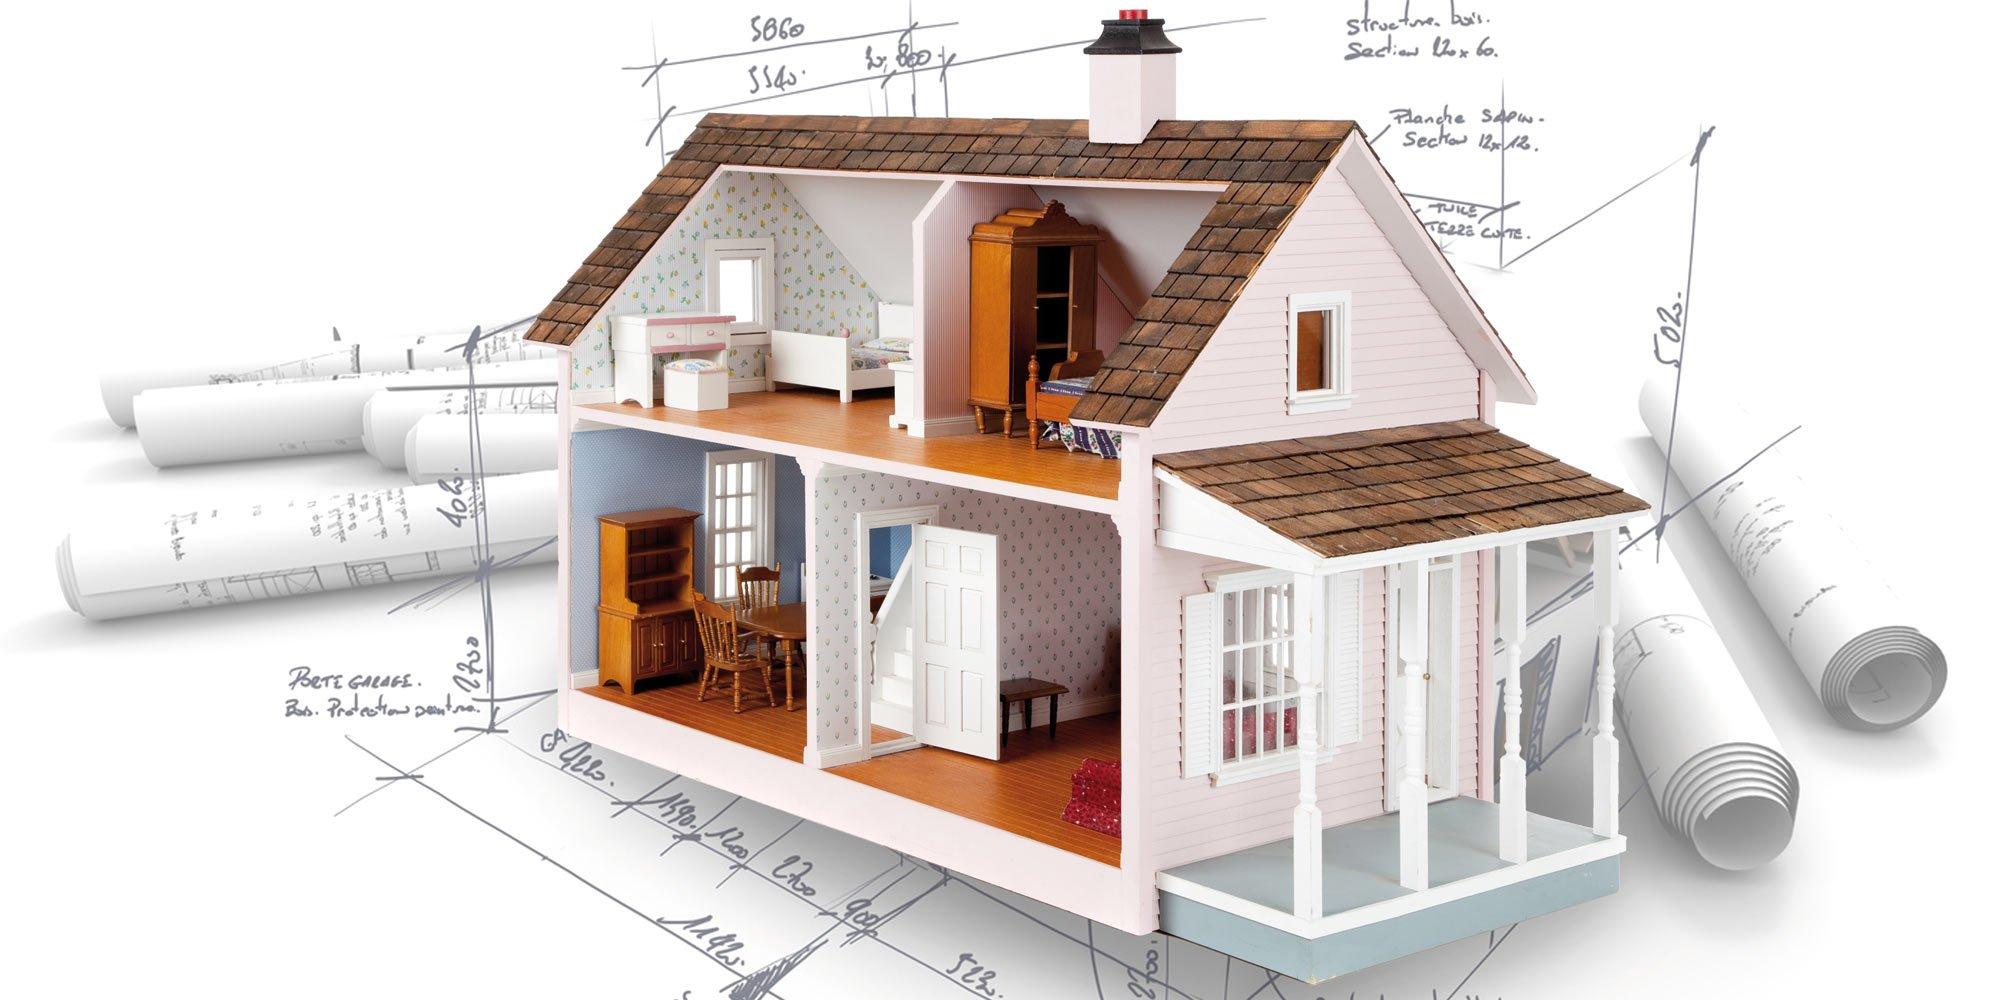 Piano casa 2017 ampliamenti e ricostruzioni costantini for Progetta la tua casa virtuale